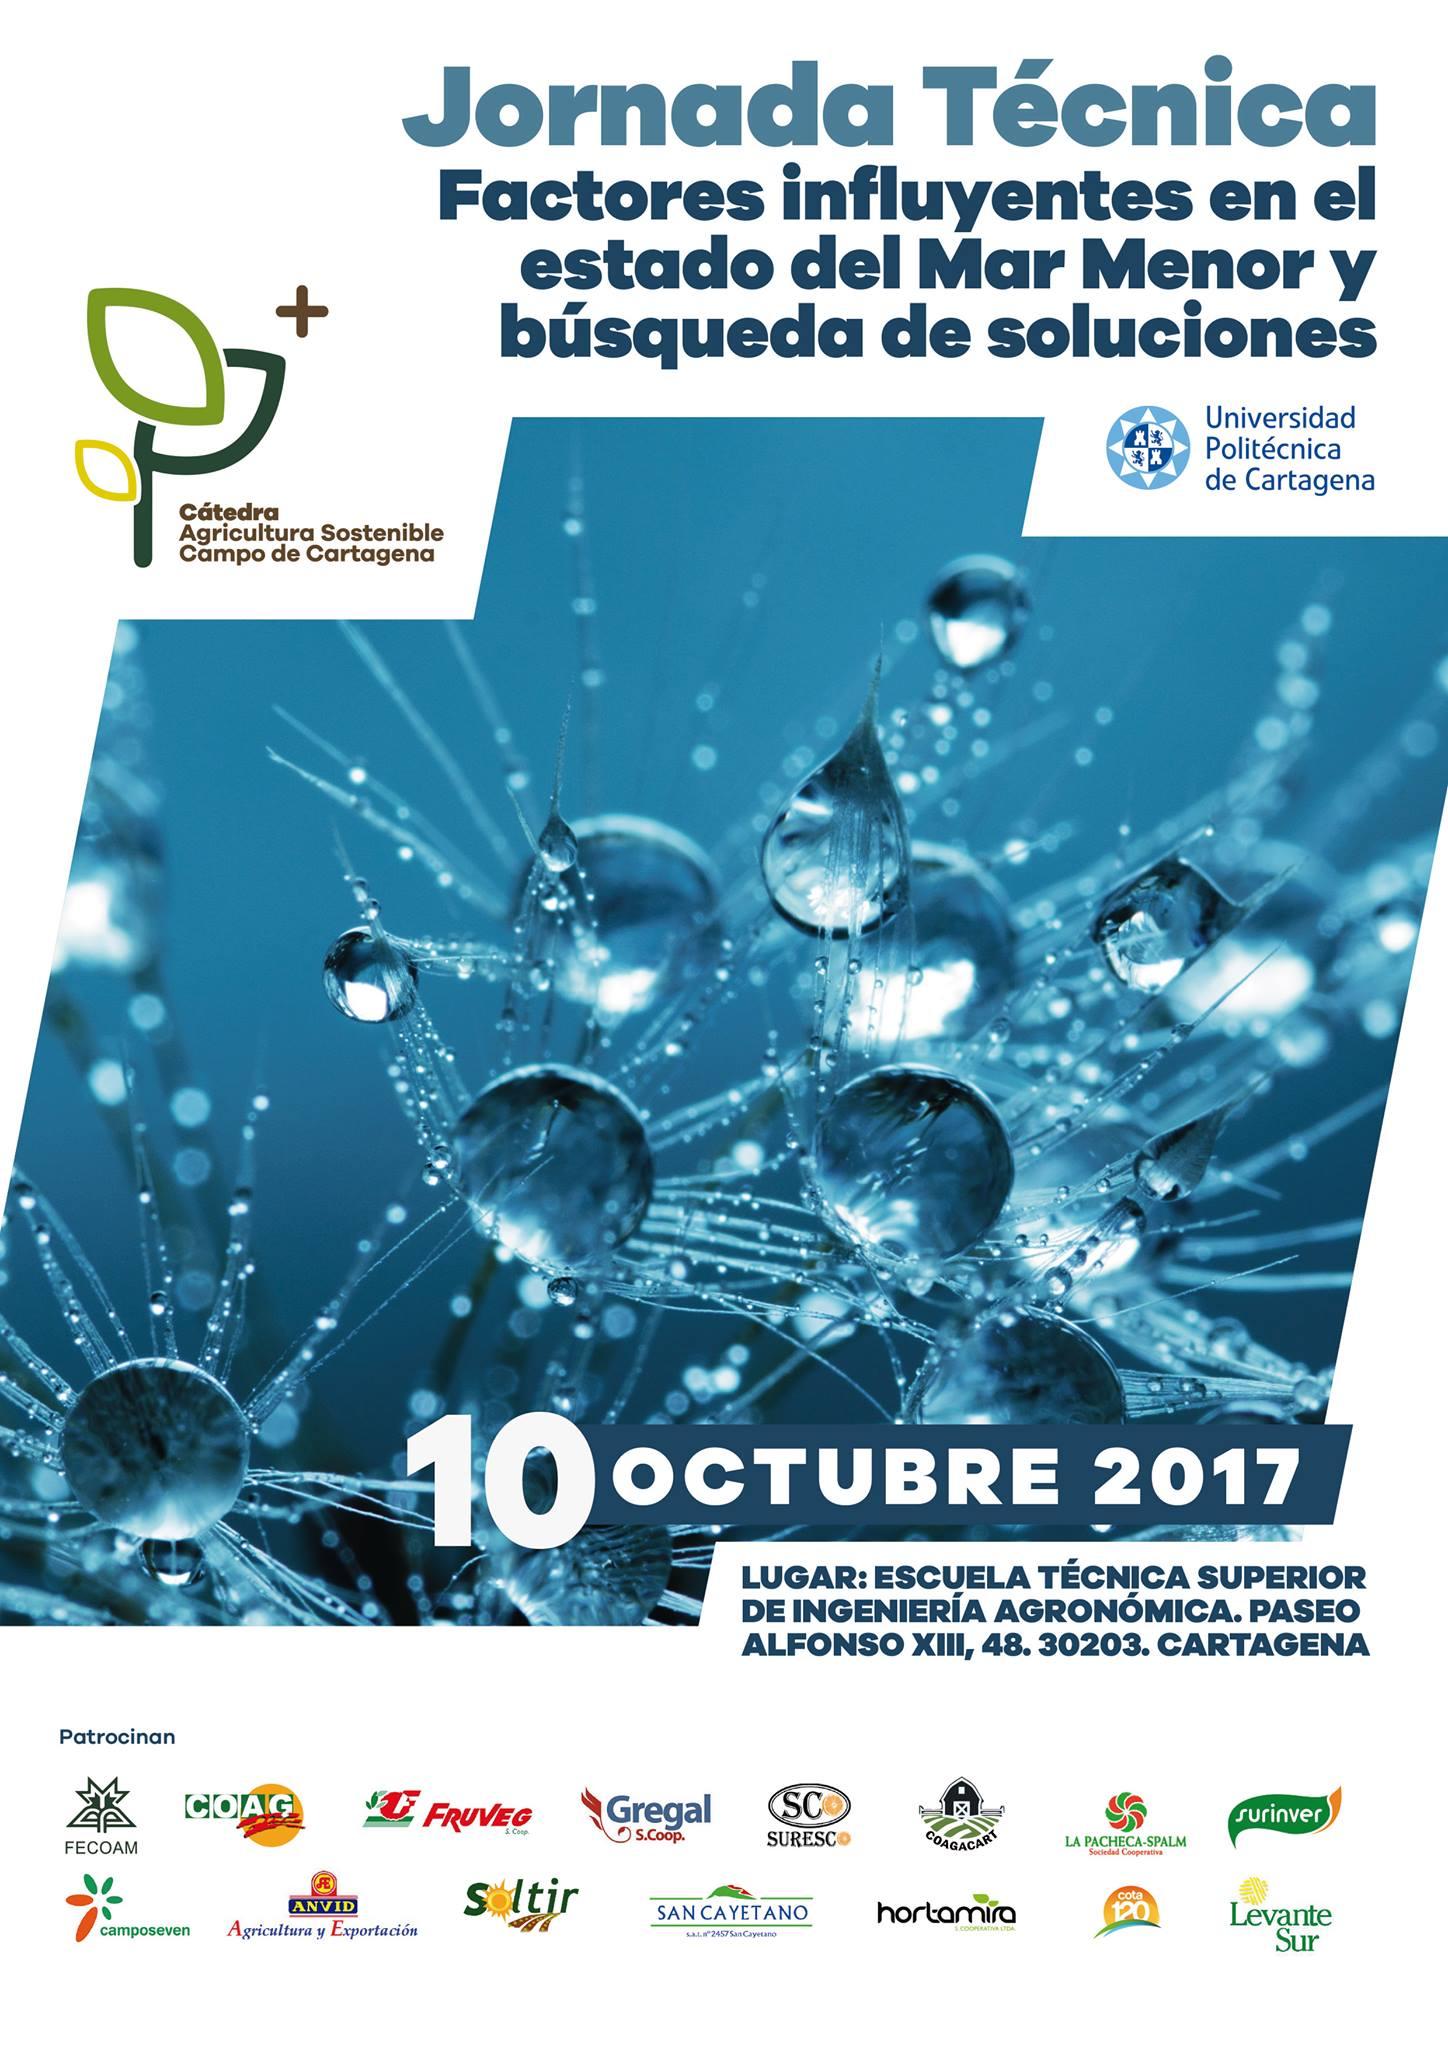 Jornada técnica: Factores influyentes en el estado del Mar Menor, con la Cátedra Agricultura Sostenible